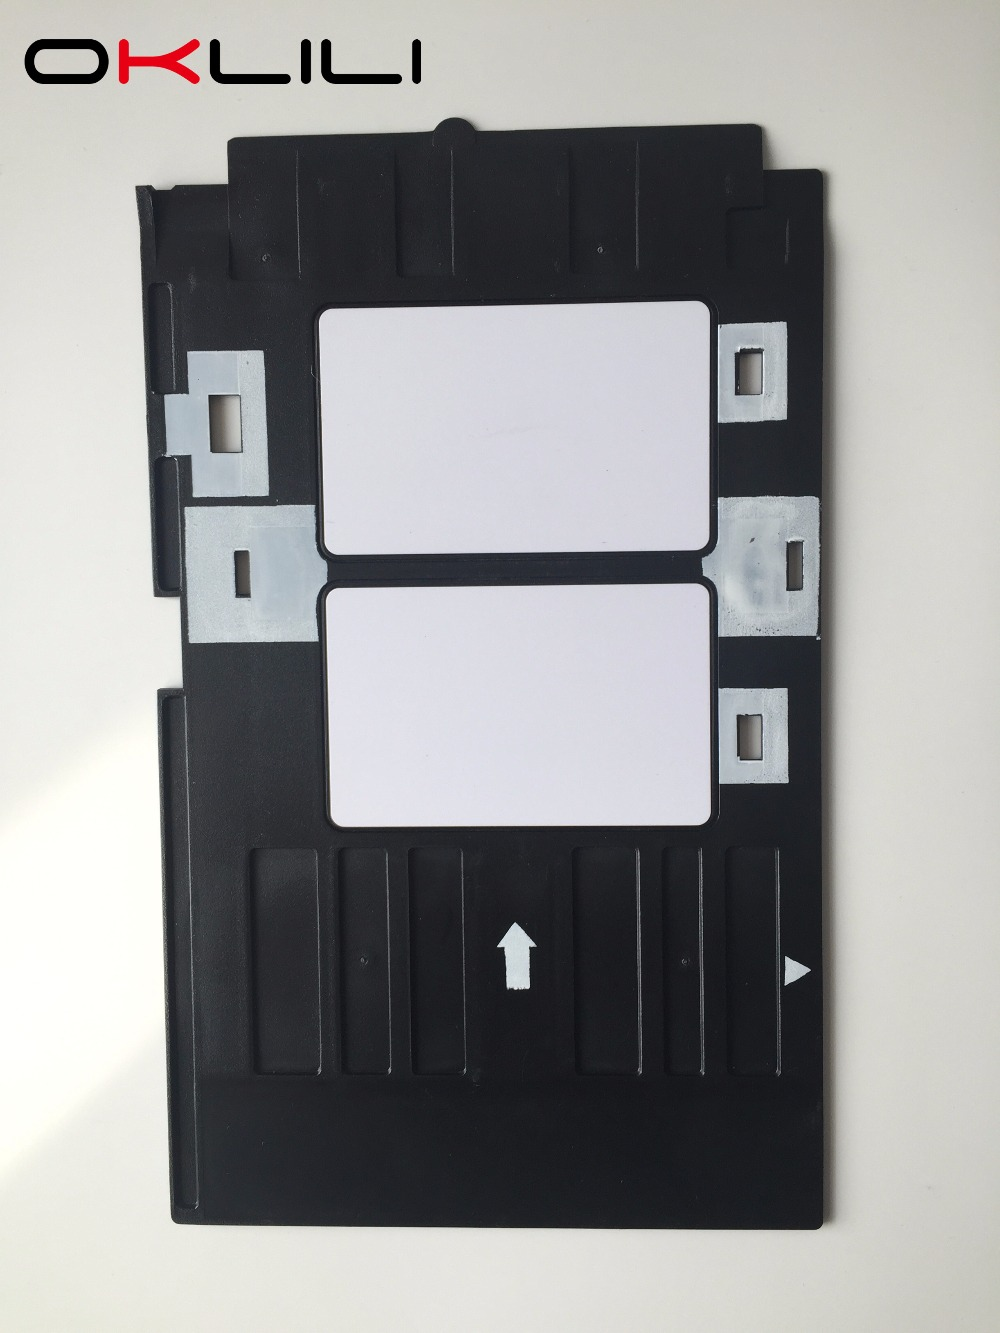 PVC ID kortelės dėklas Plastikinė kortelė Spausdinimo dėklas Epson R260 R265 R270 R280 R290 R380 R390 RX680 T50 T60 A50 P50 L800 L801 R330